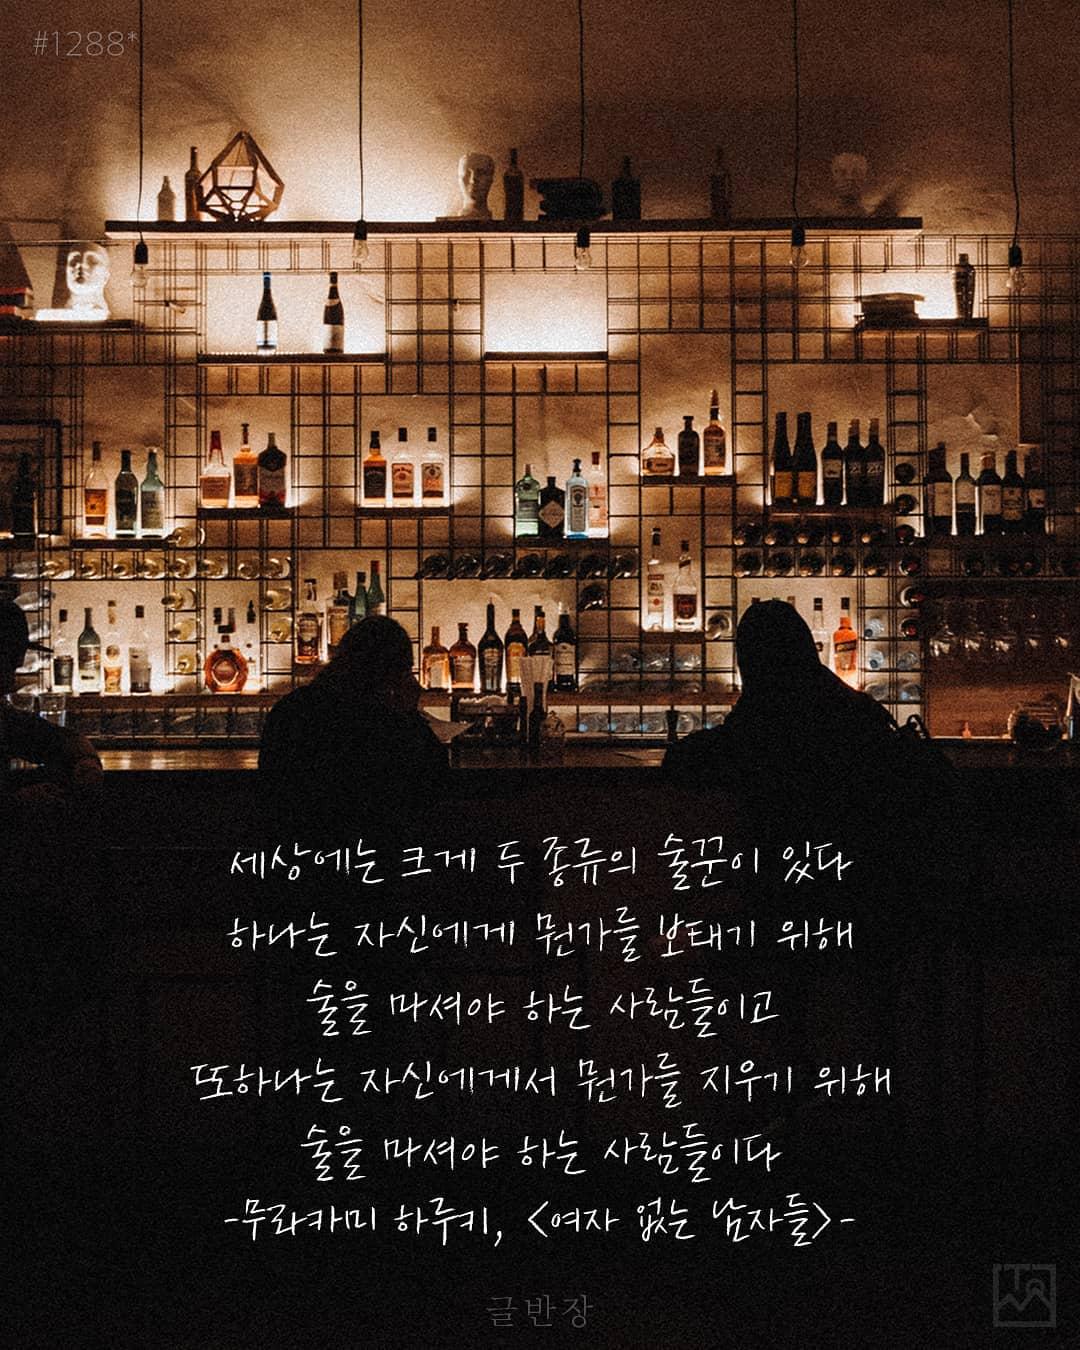 세상에는 크게 두 종류의 술꾼이 있다 - 무라카미 하루키(村上春樹, むらかみ はるき), <여자 없는 남자들>